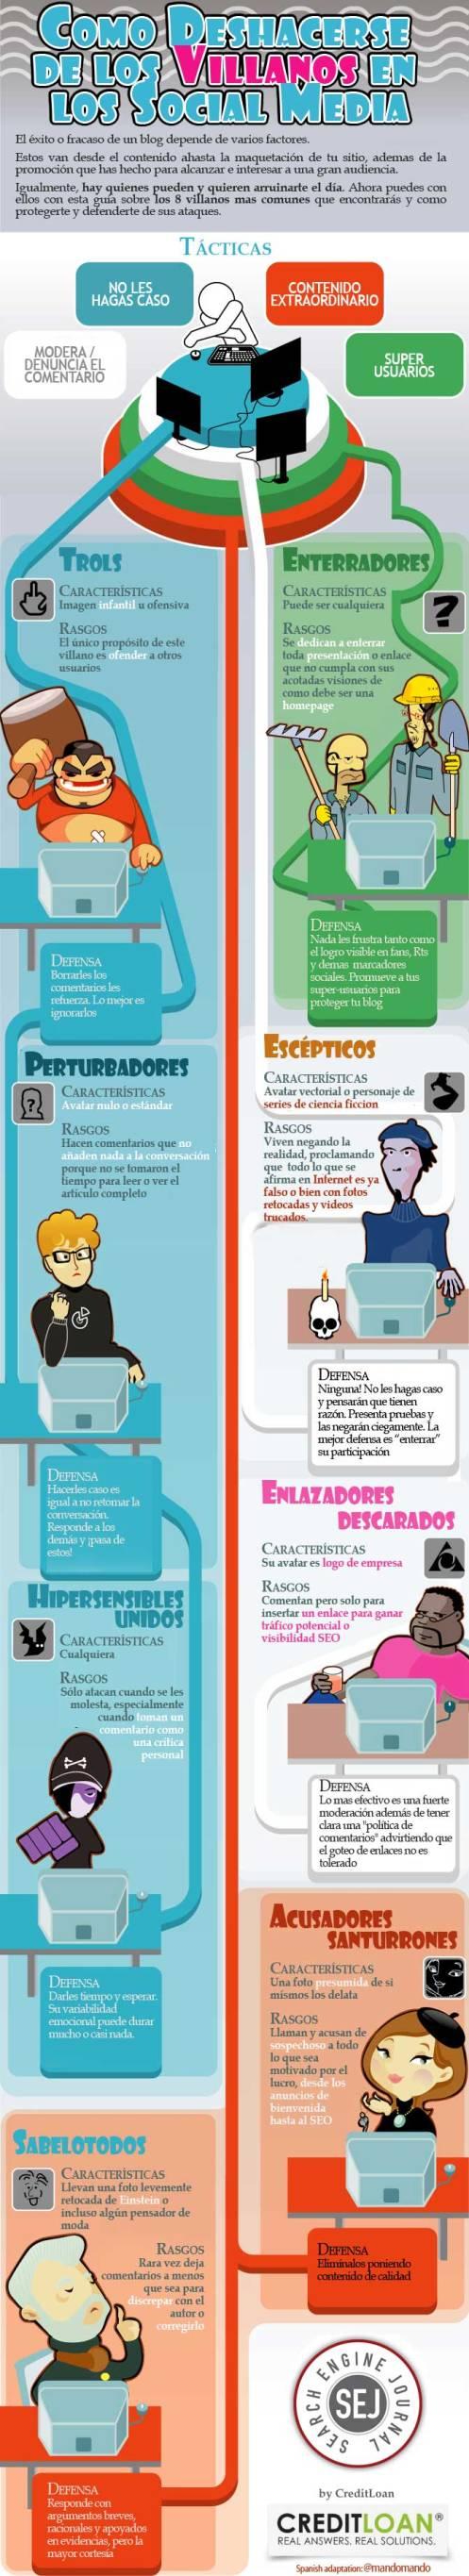 combatir villanos de la web